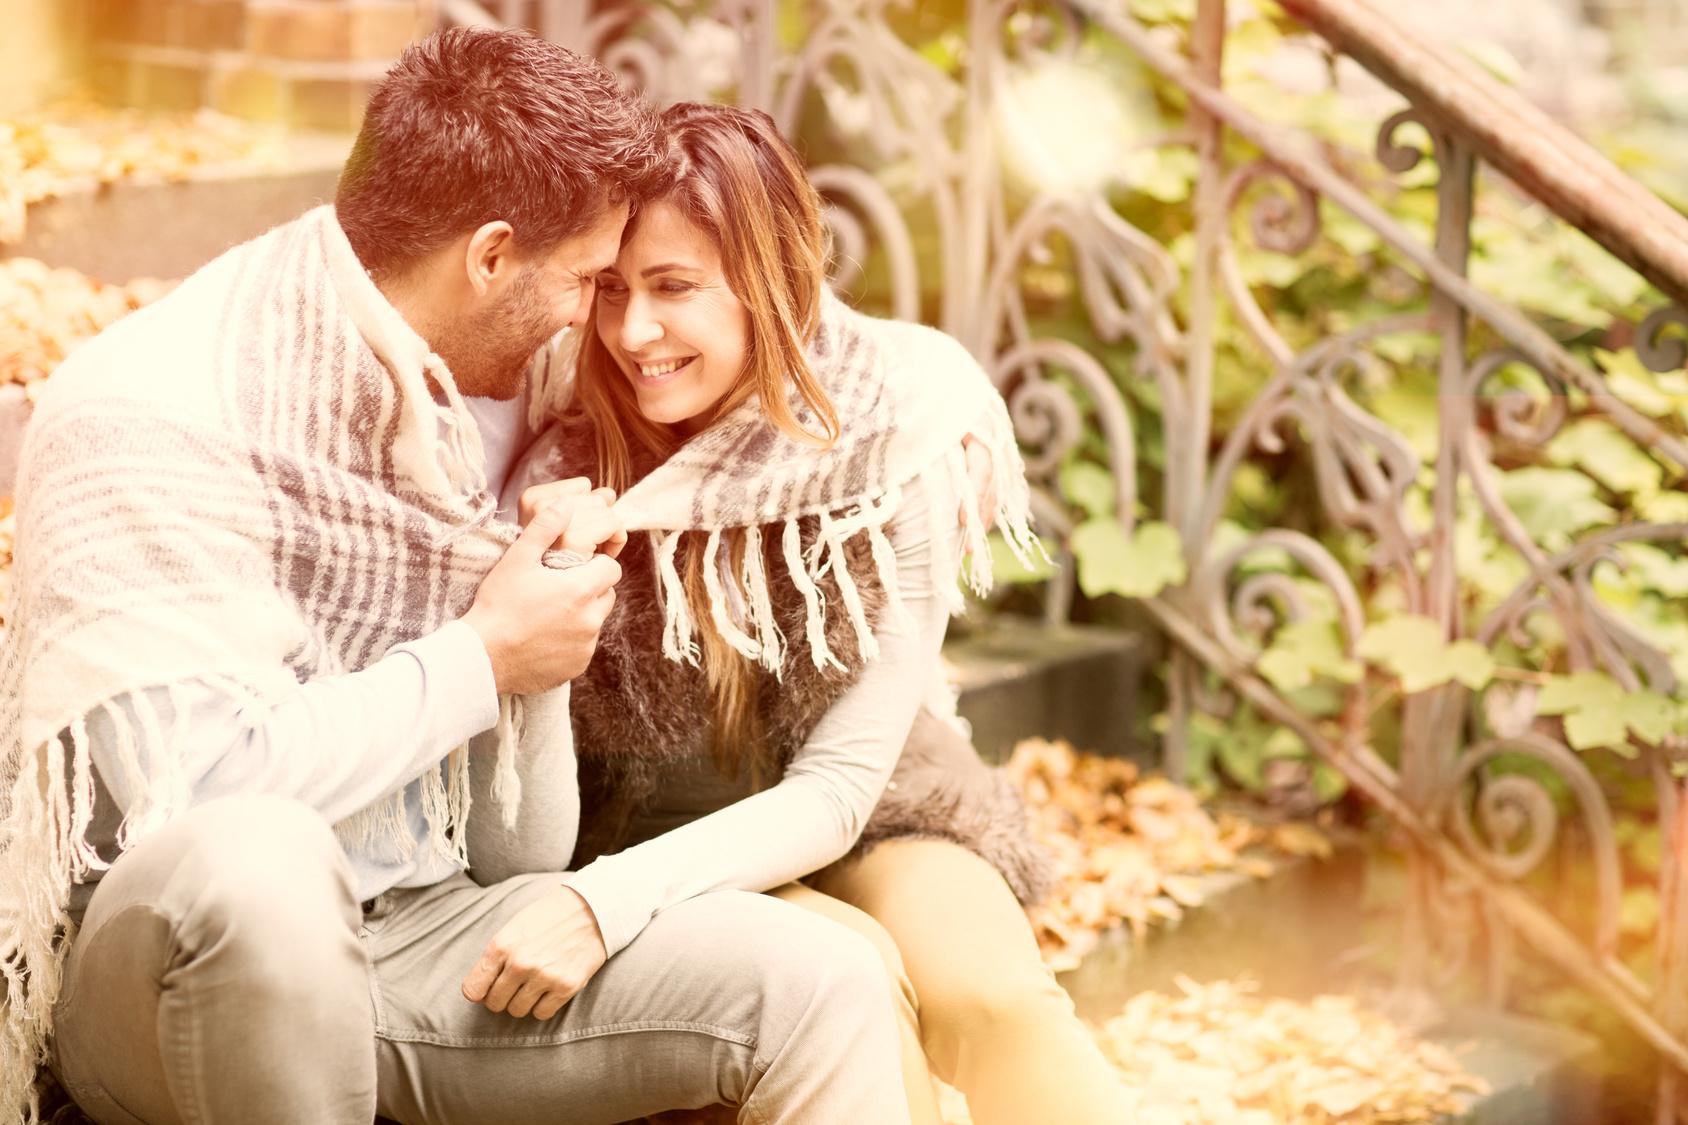 Love autumn couple